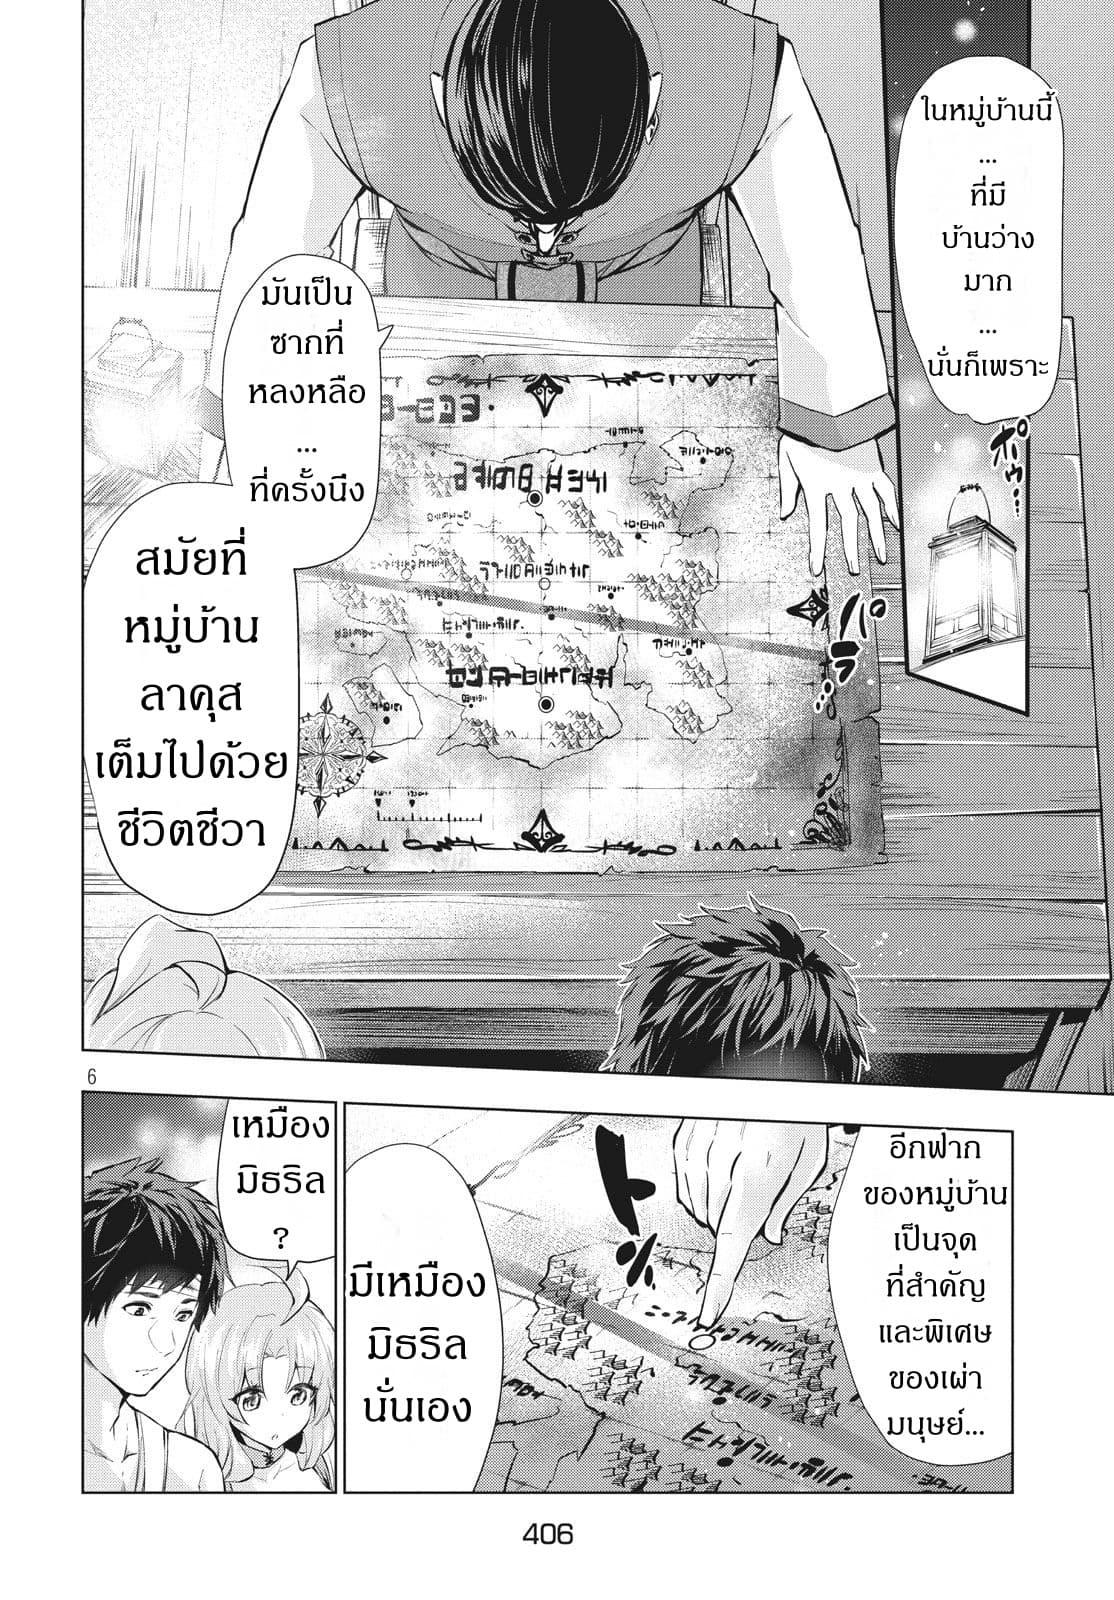 อ่านการ์ตูน Kaiko sareta Ankoku Heishi (30-dai) no Slow na Second ตอนที่ 5.1 หน้าที่ 6